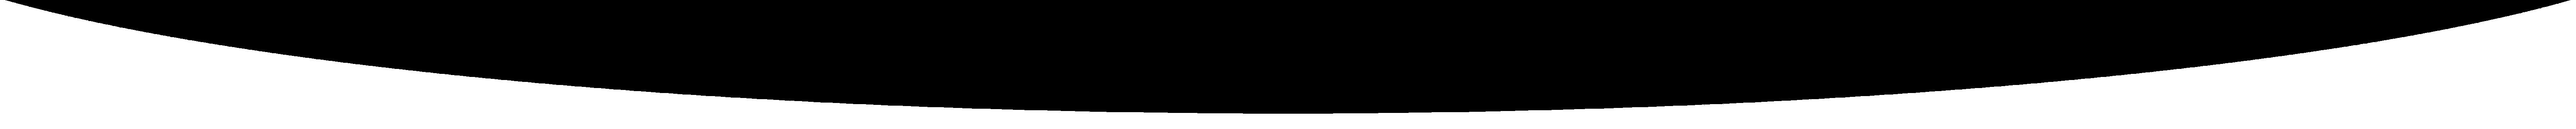 BBI - curve_mask_Concave.png